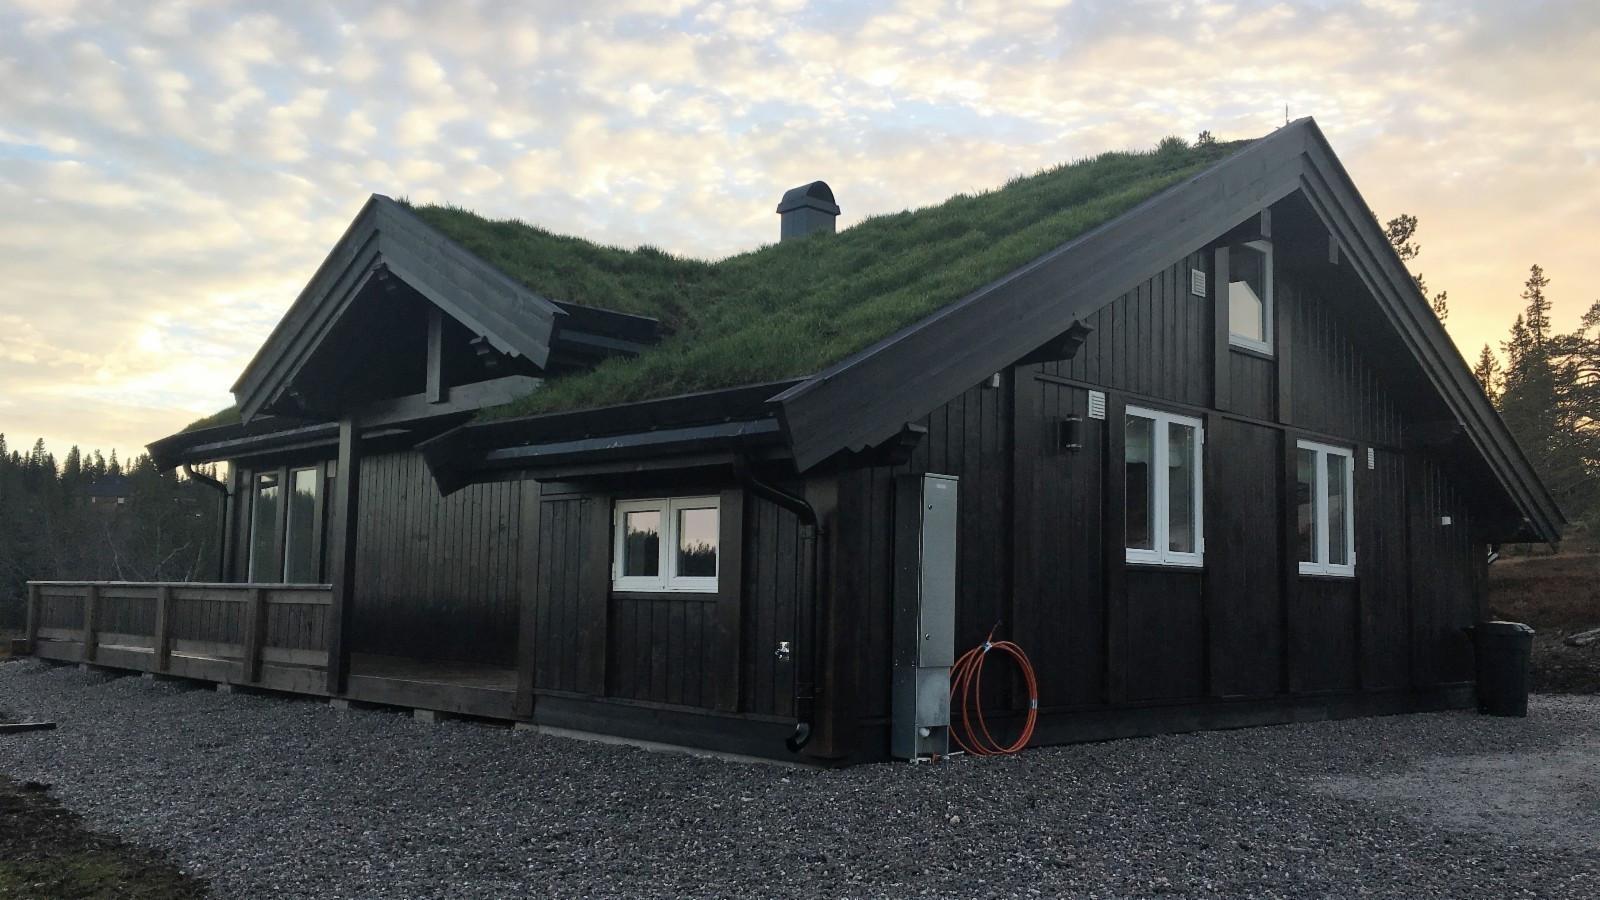 Bilde av hytten Buen hyttemodell SMÅROI PANORAMA L, planlagt oppført på Knaben